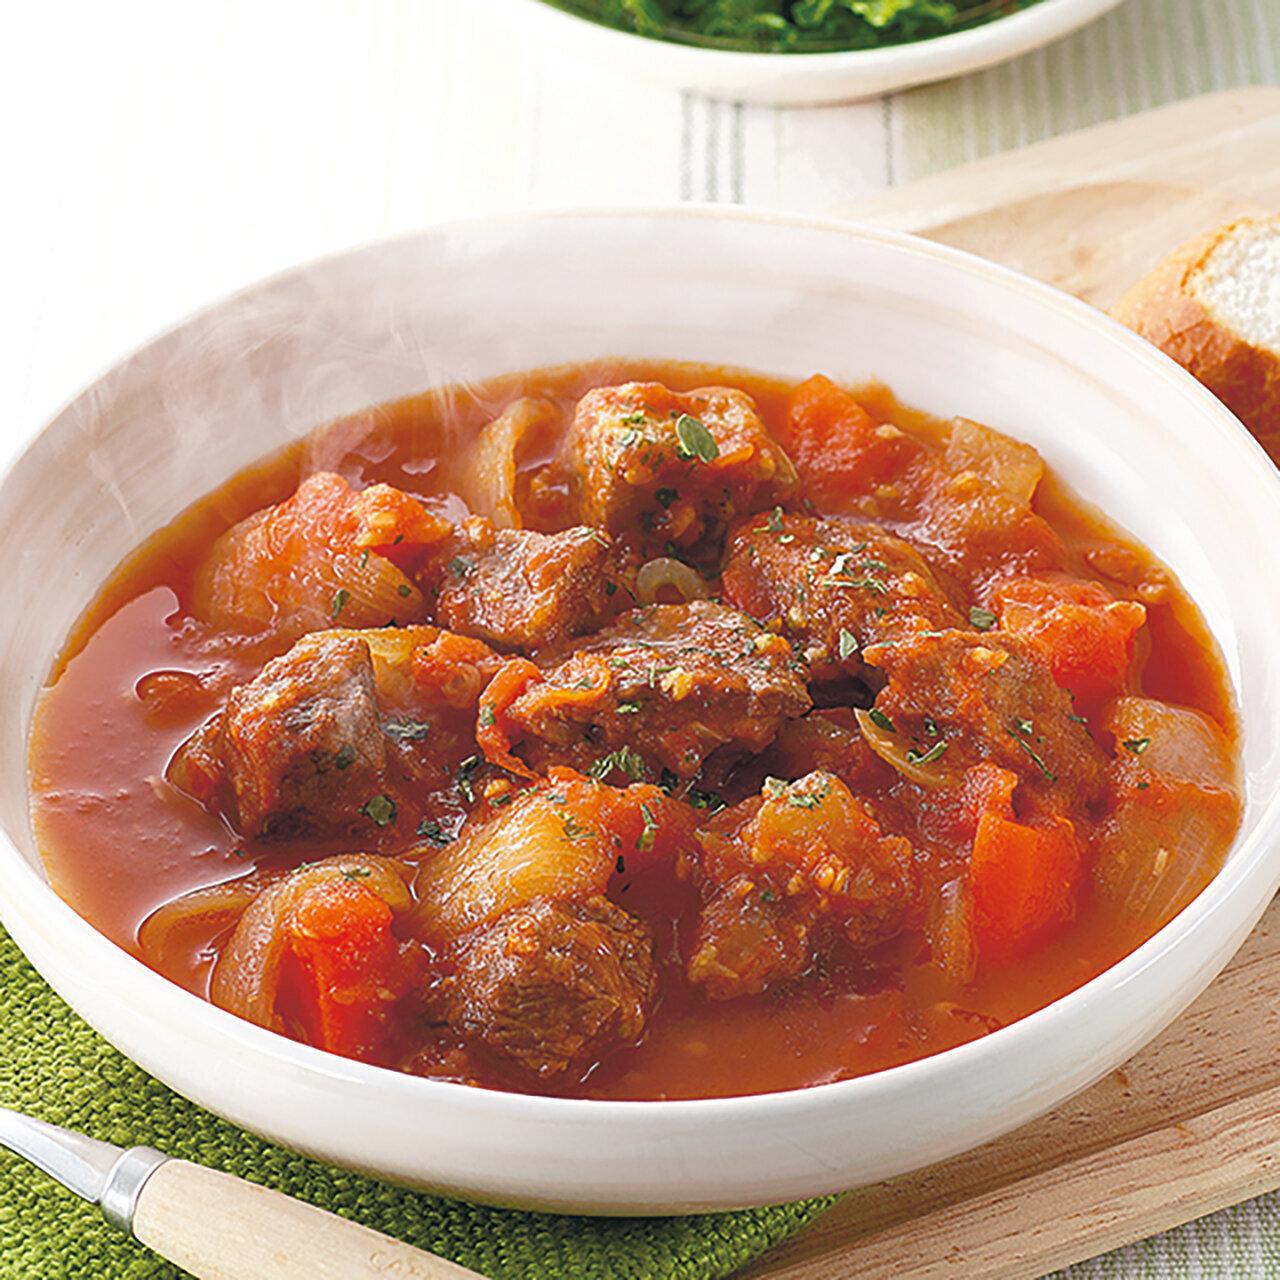 牛すじ肉のトマト煮